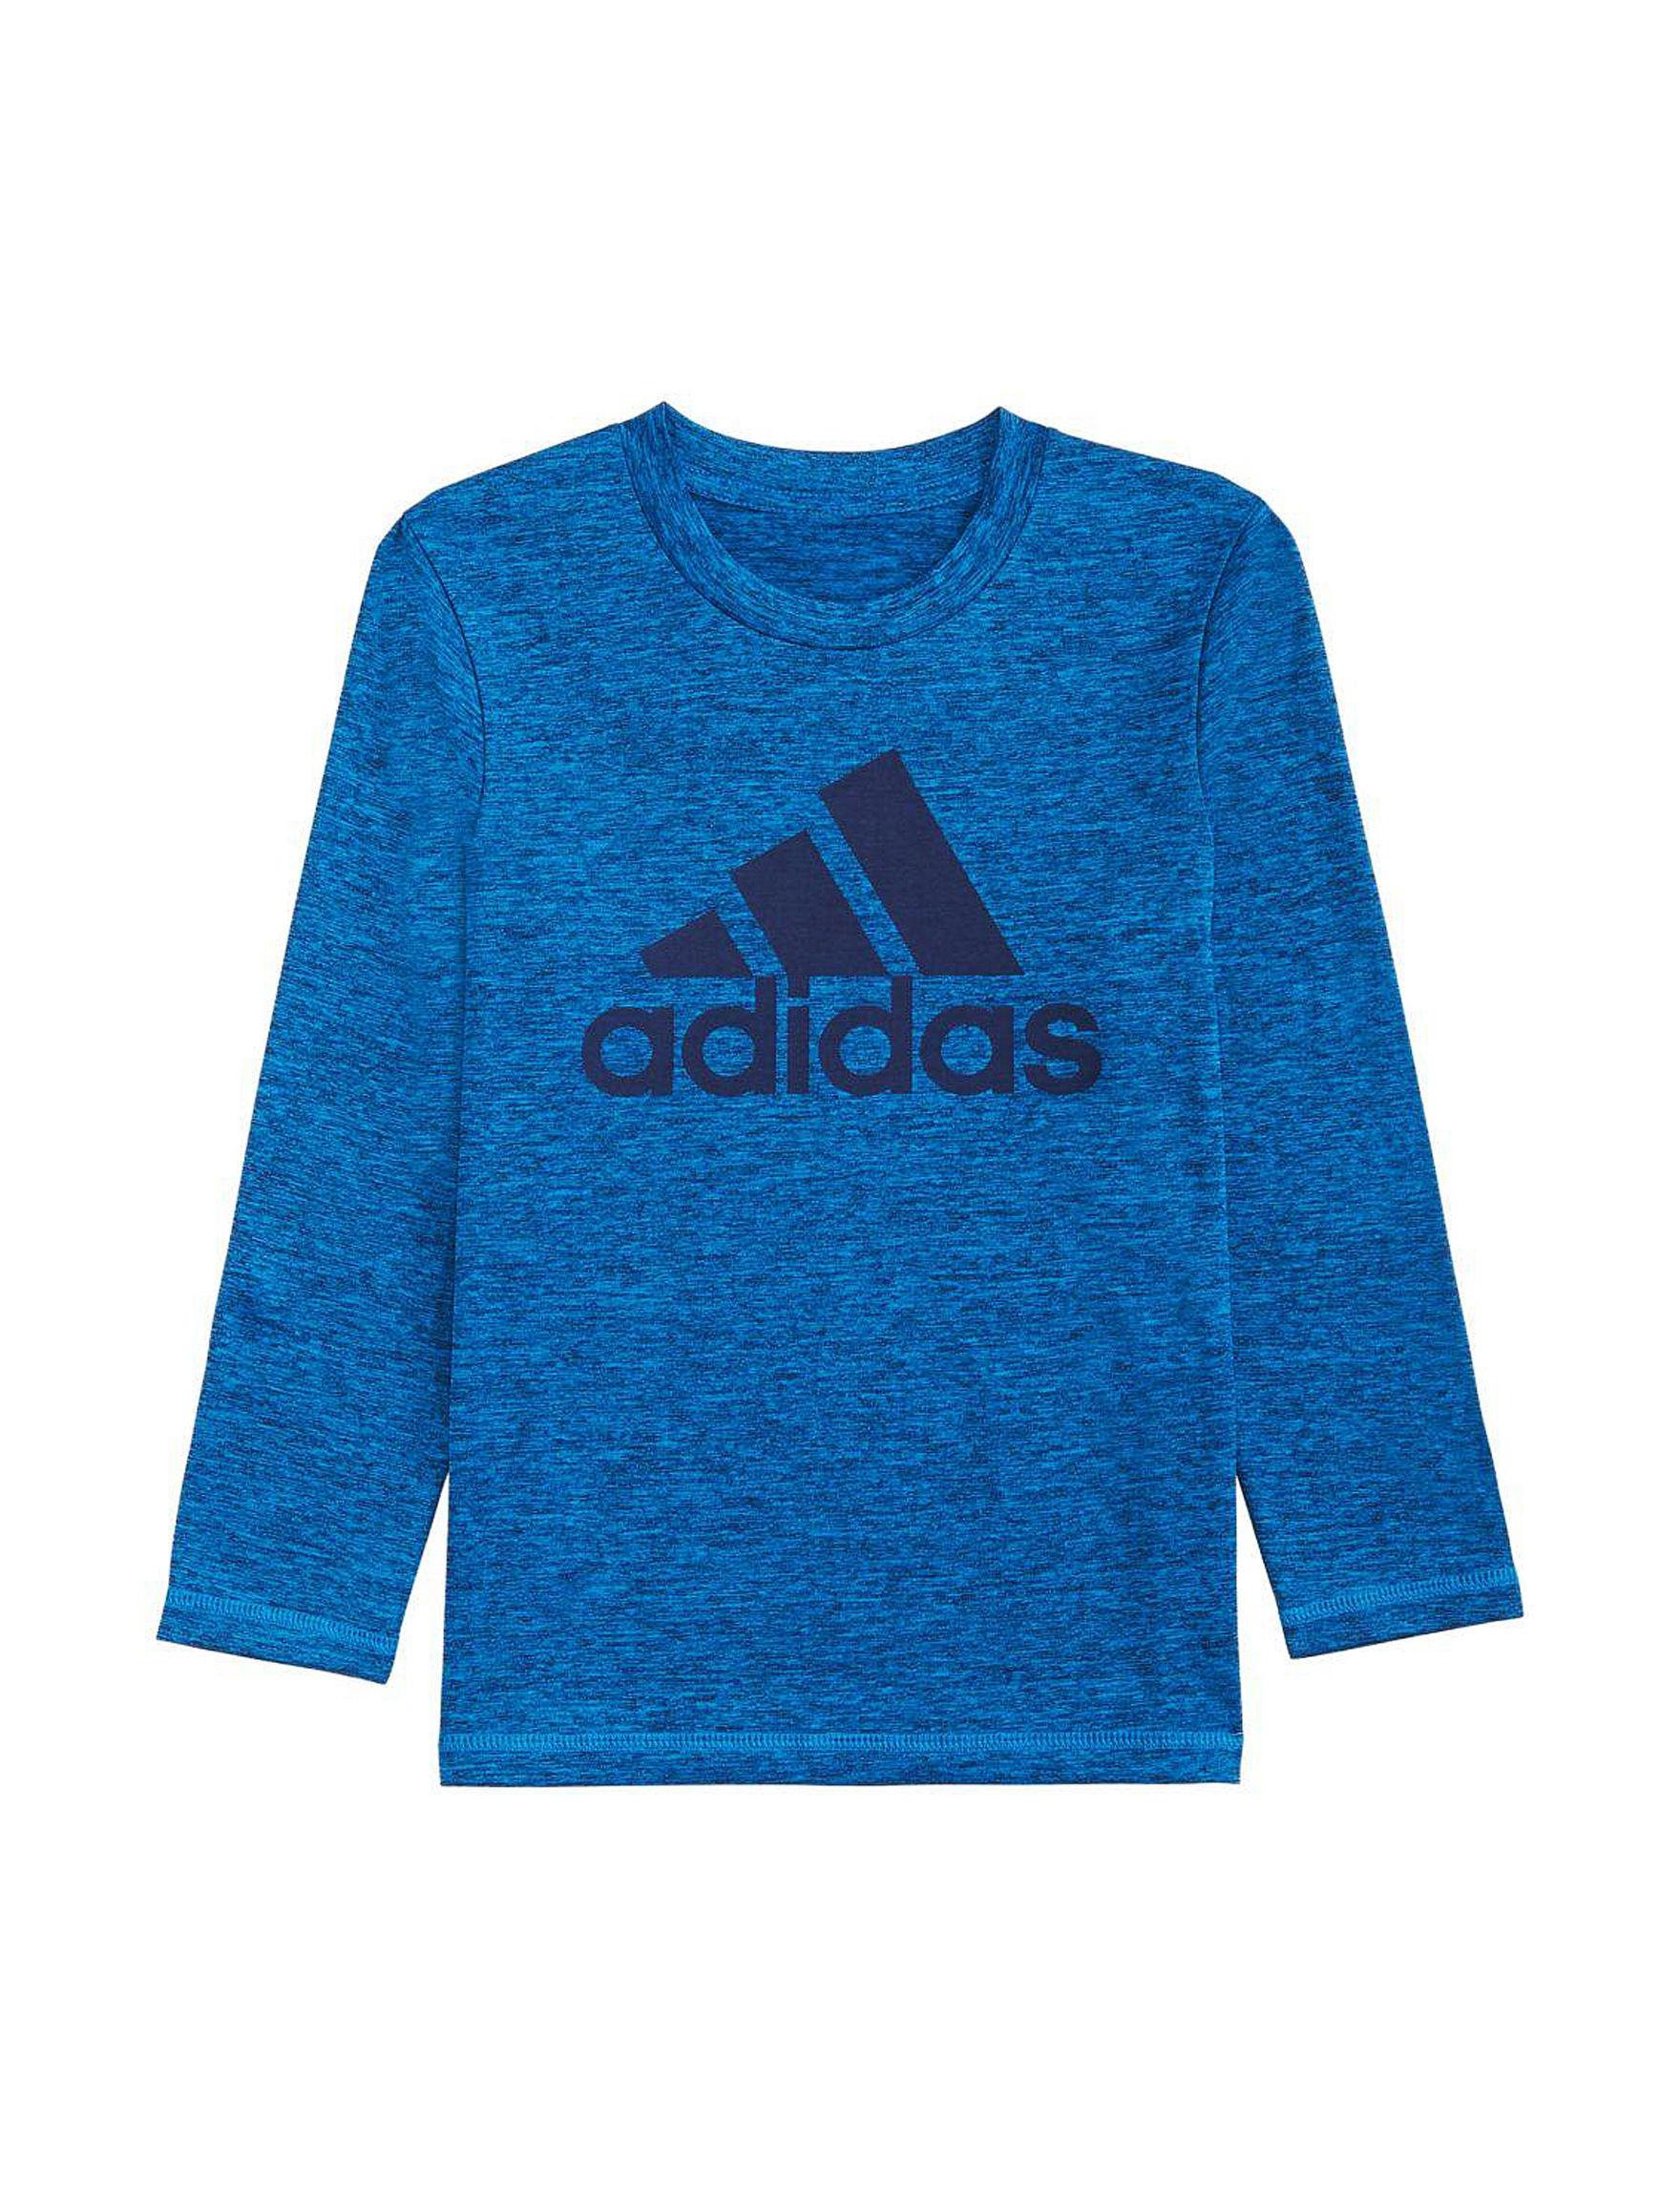 Adidas Heather Blue Tees & Tanks